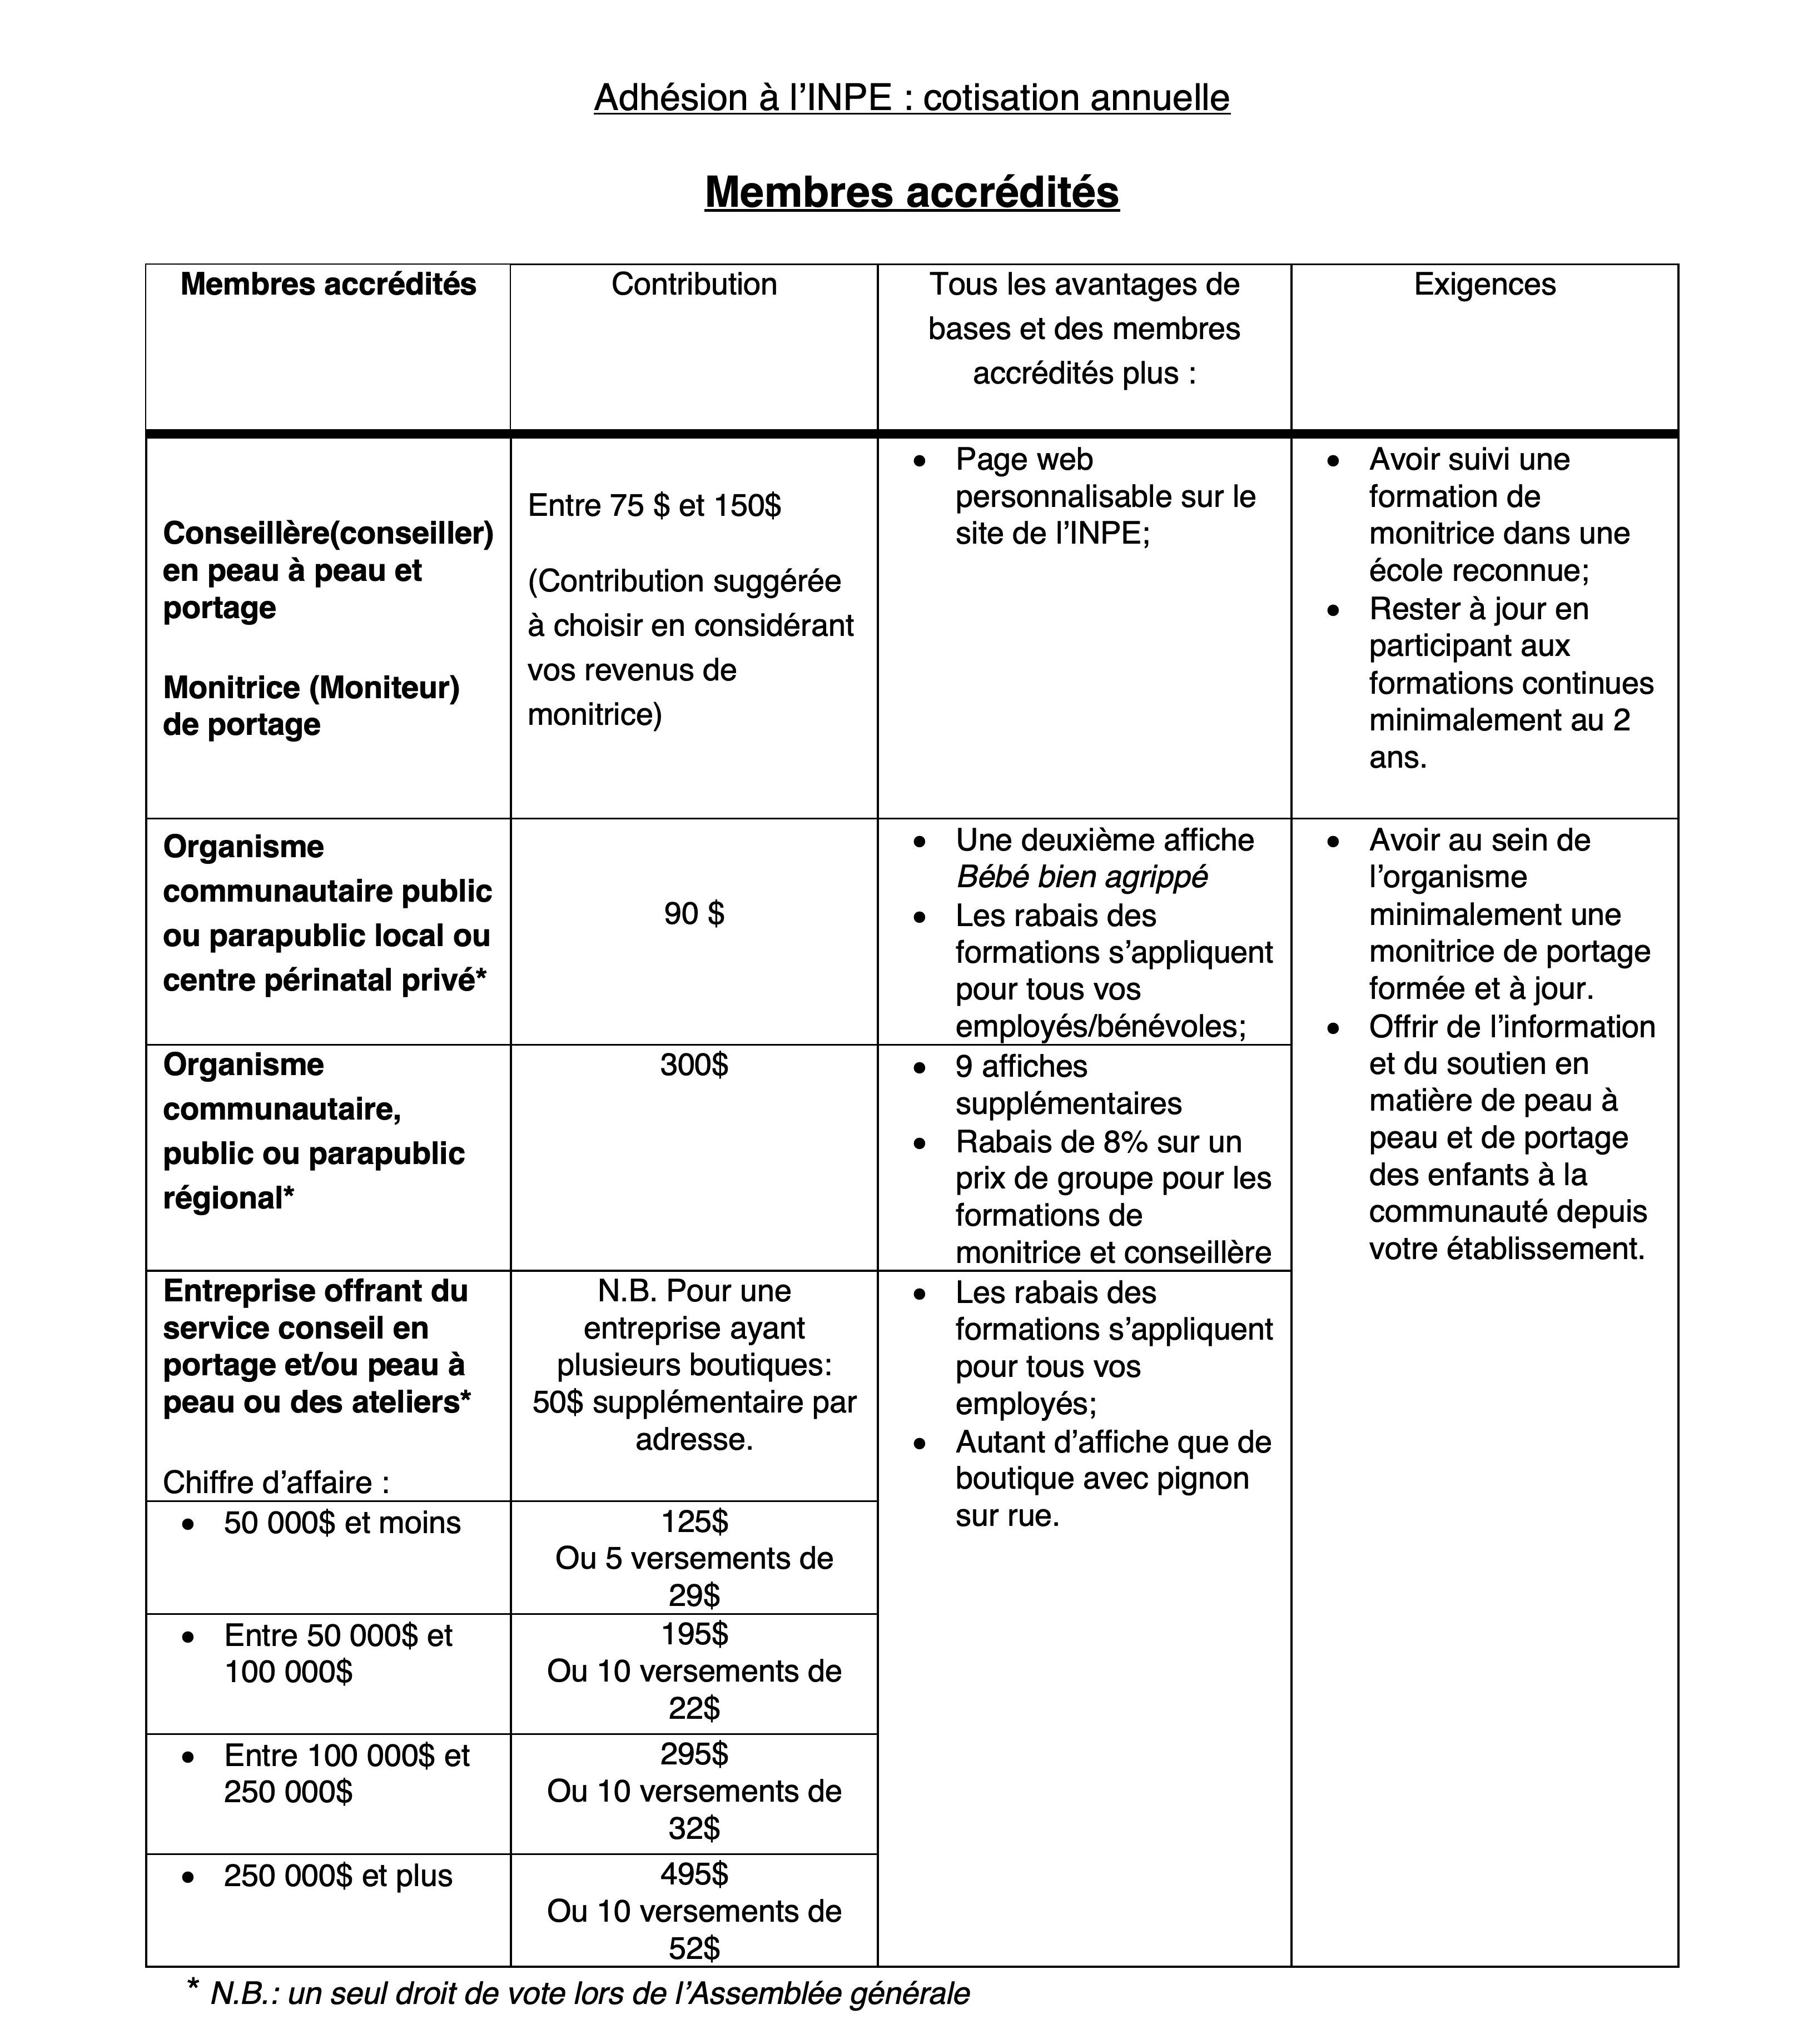 Tableau cotisation membre accrédité à l'INPE